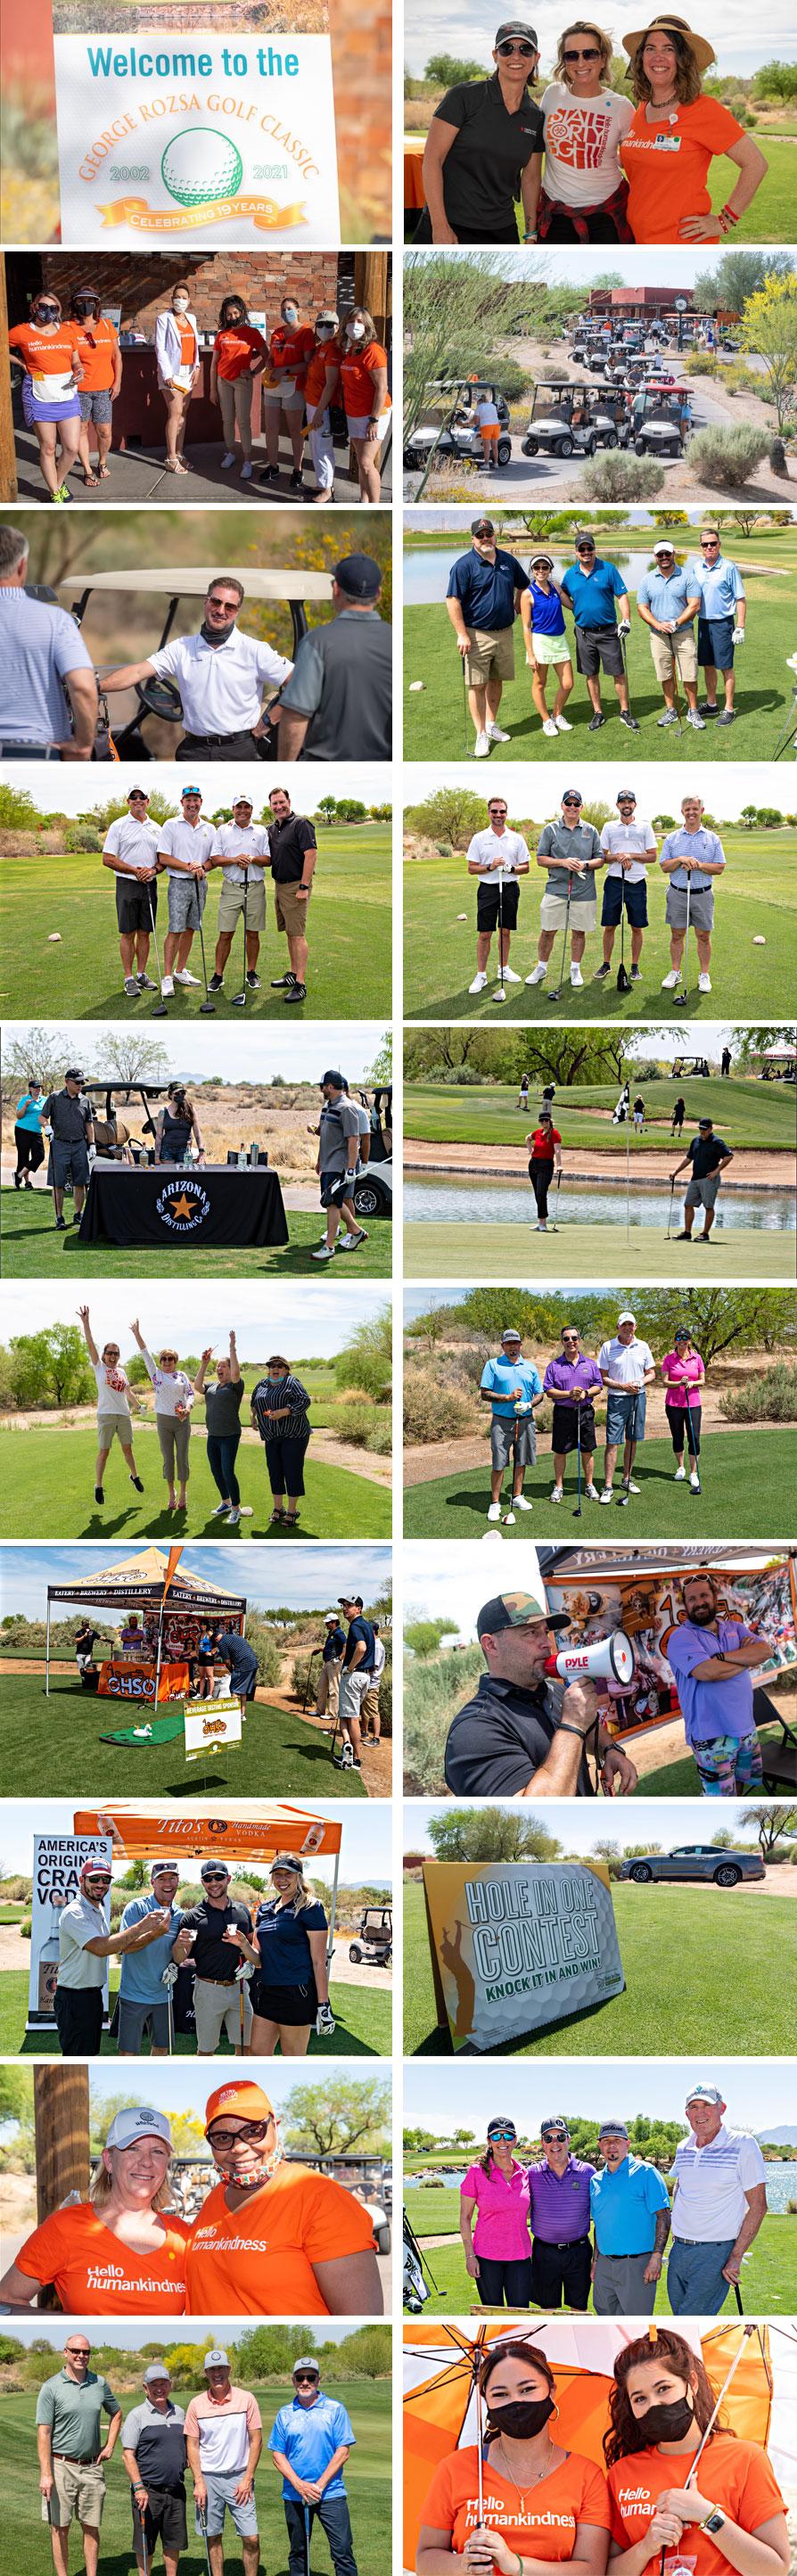 George Rozsa Golf 2021 Recap